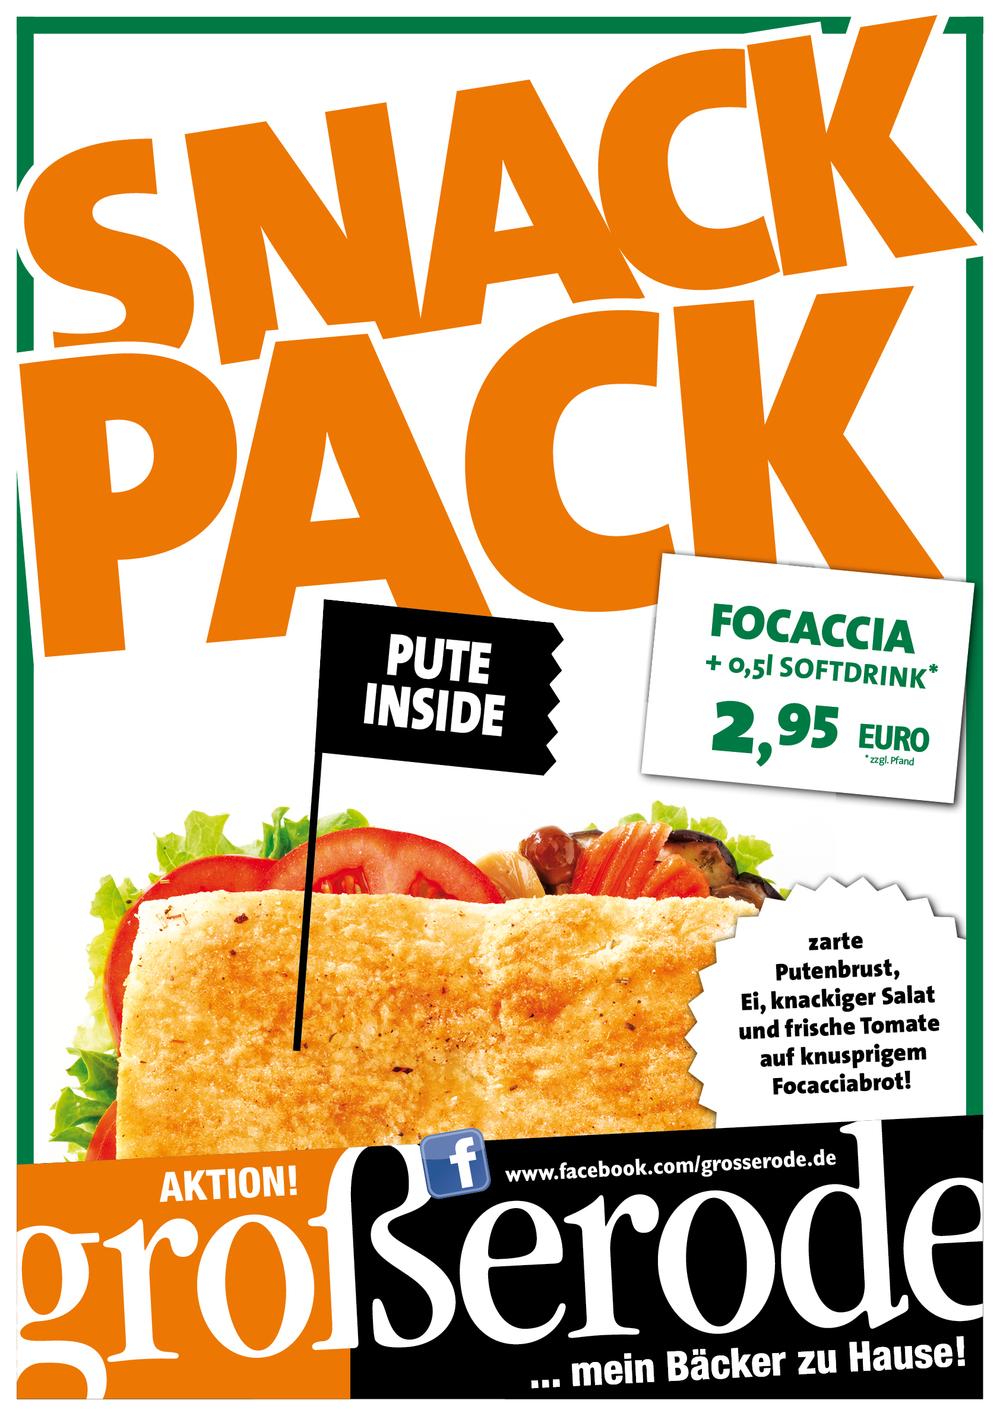 20150618_Grosserode_SnackPackFocaccia_Web.jpg